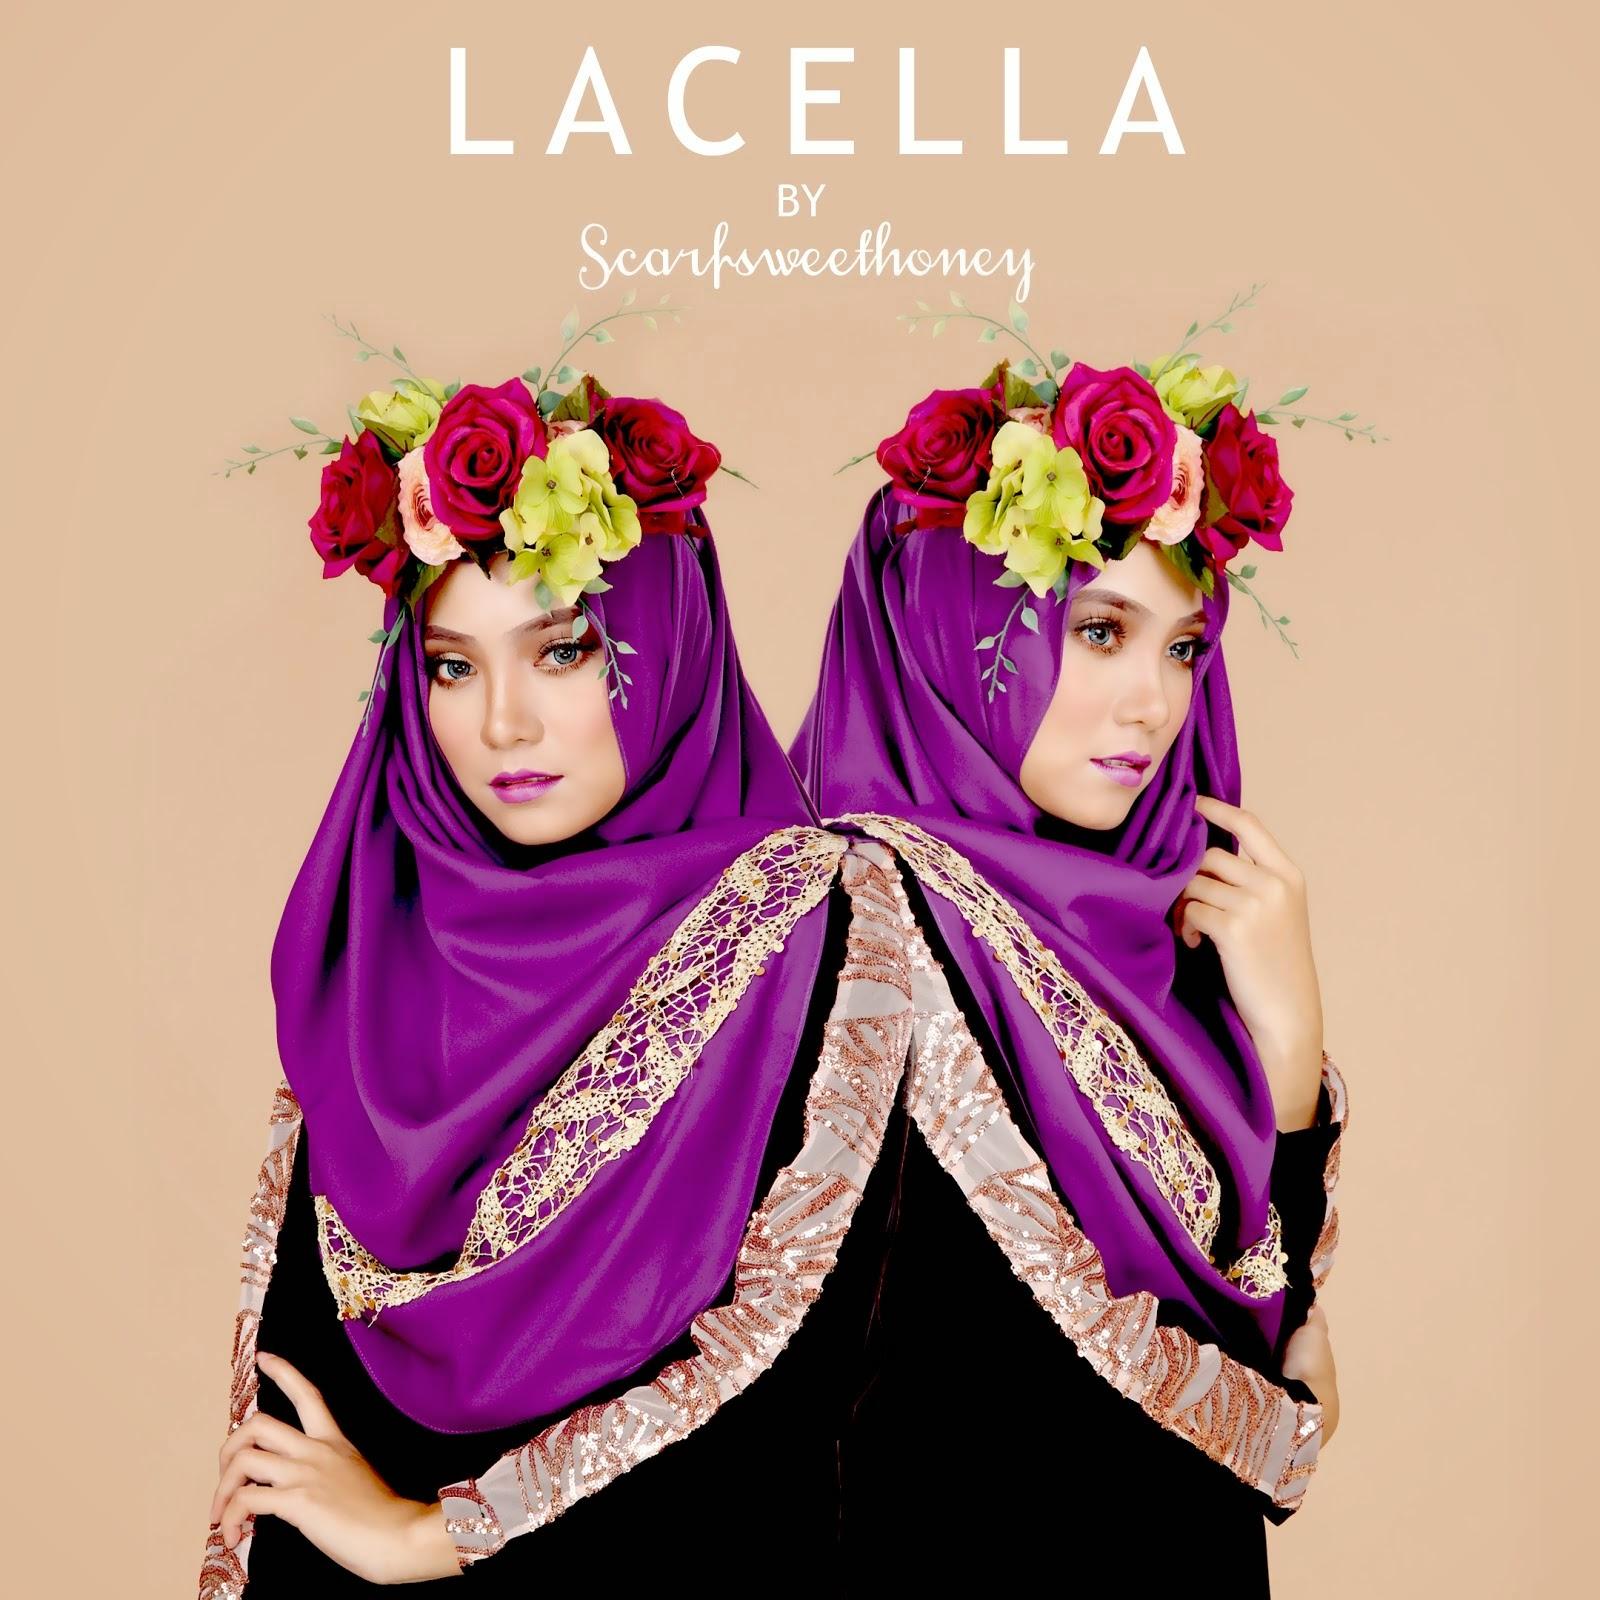 LACELLA